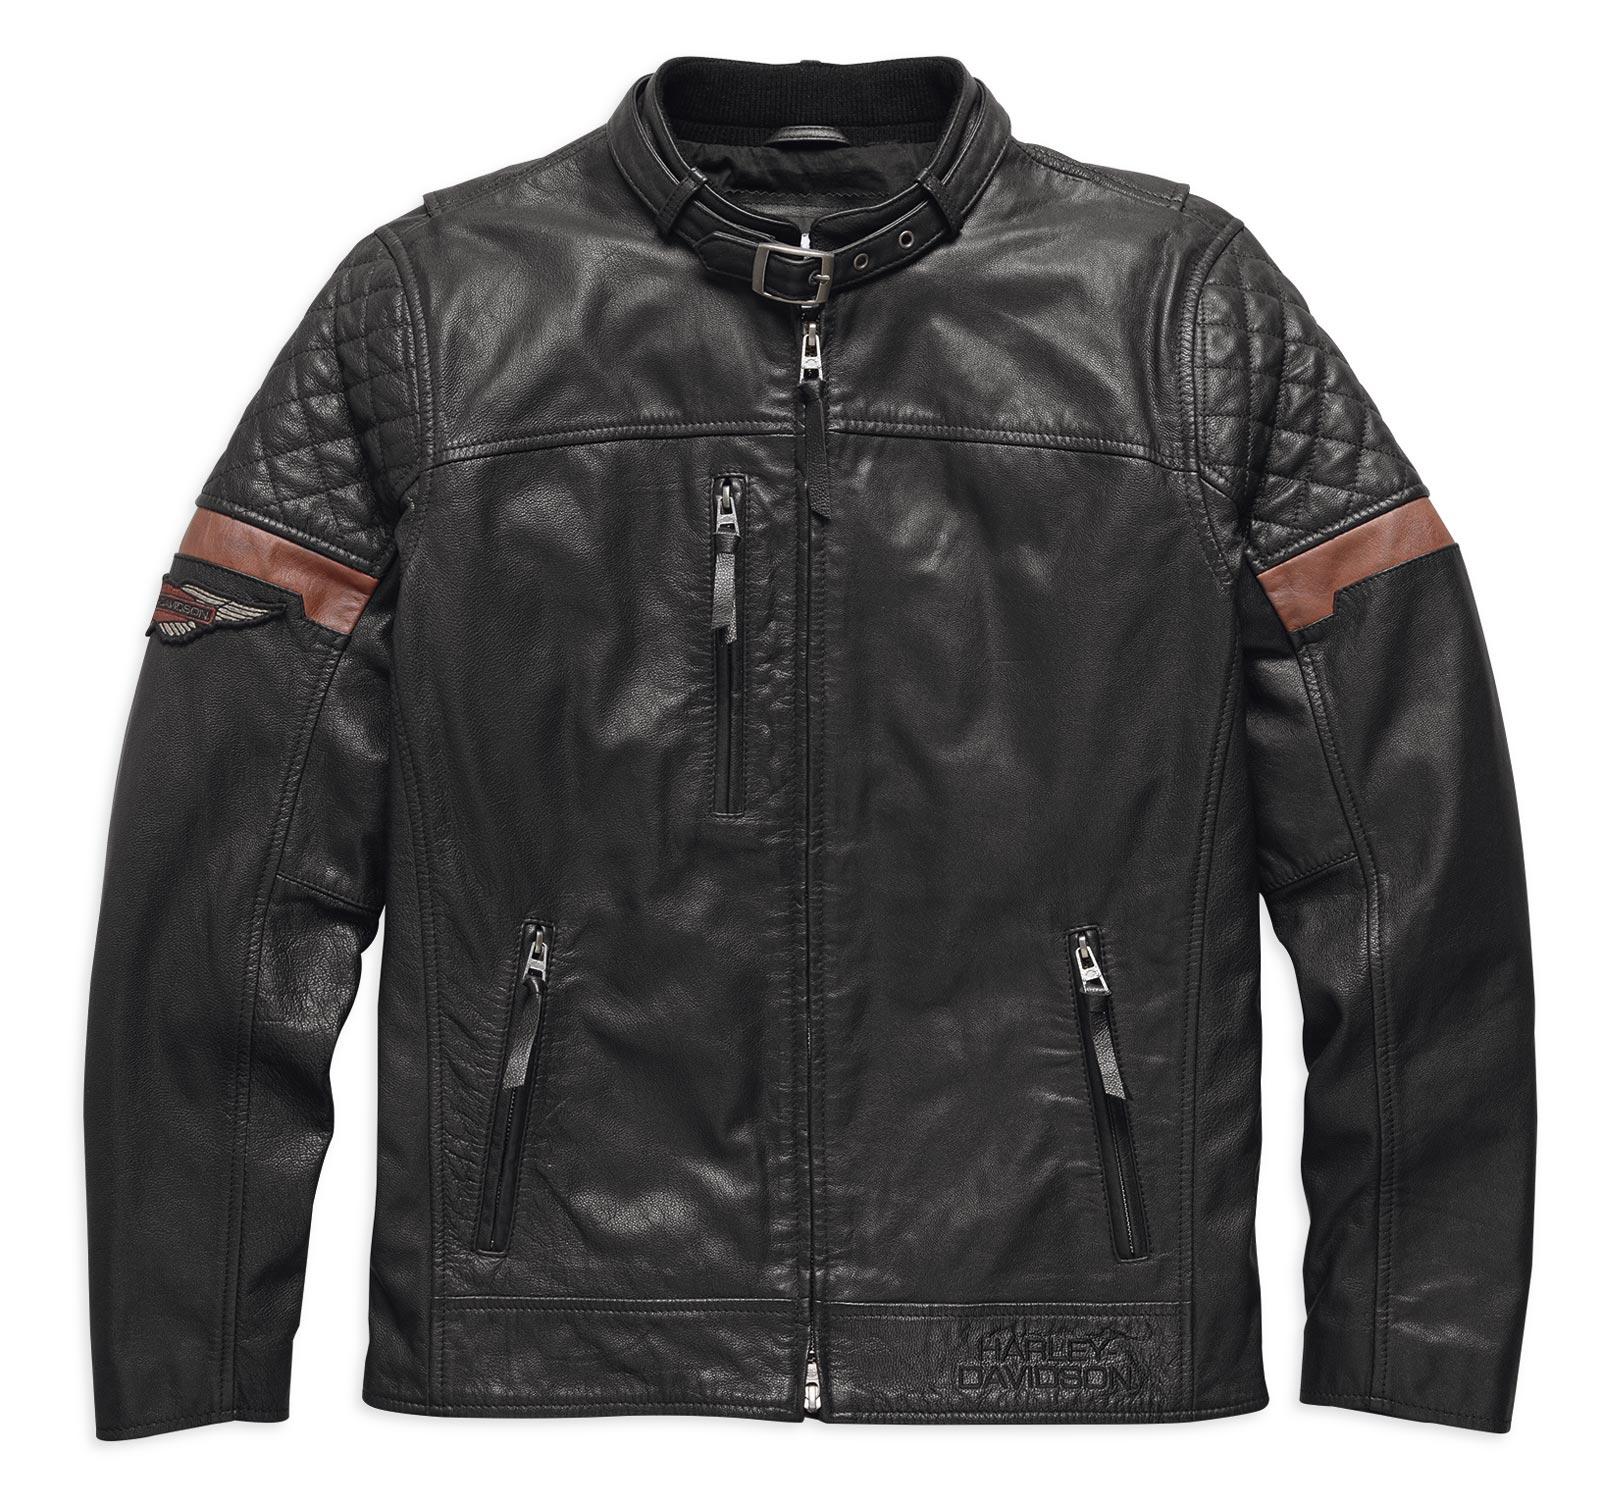 97165 17vm harley davidson lederjacke black varick im thunderbike shop. Black Bedroom Furniture Sets. Home Design Ideas